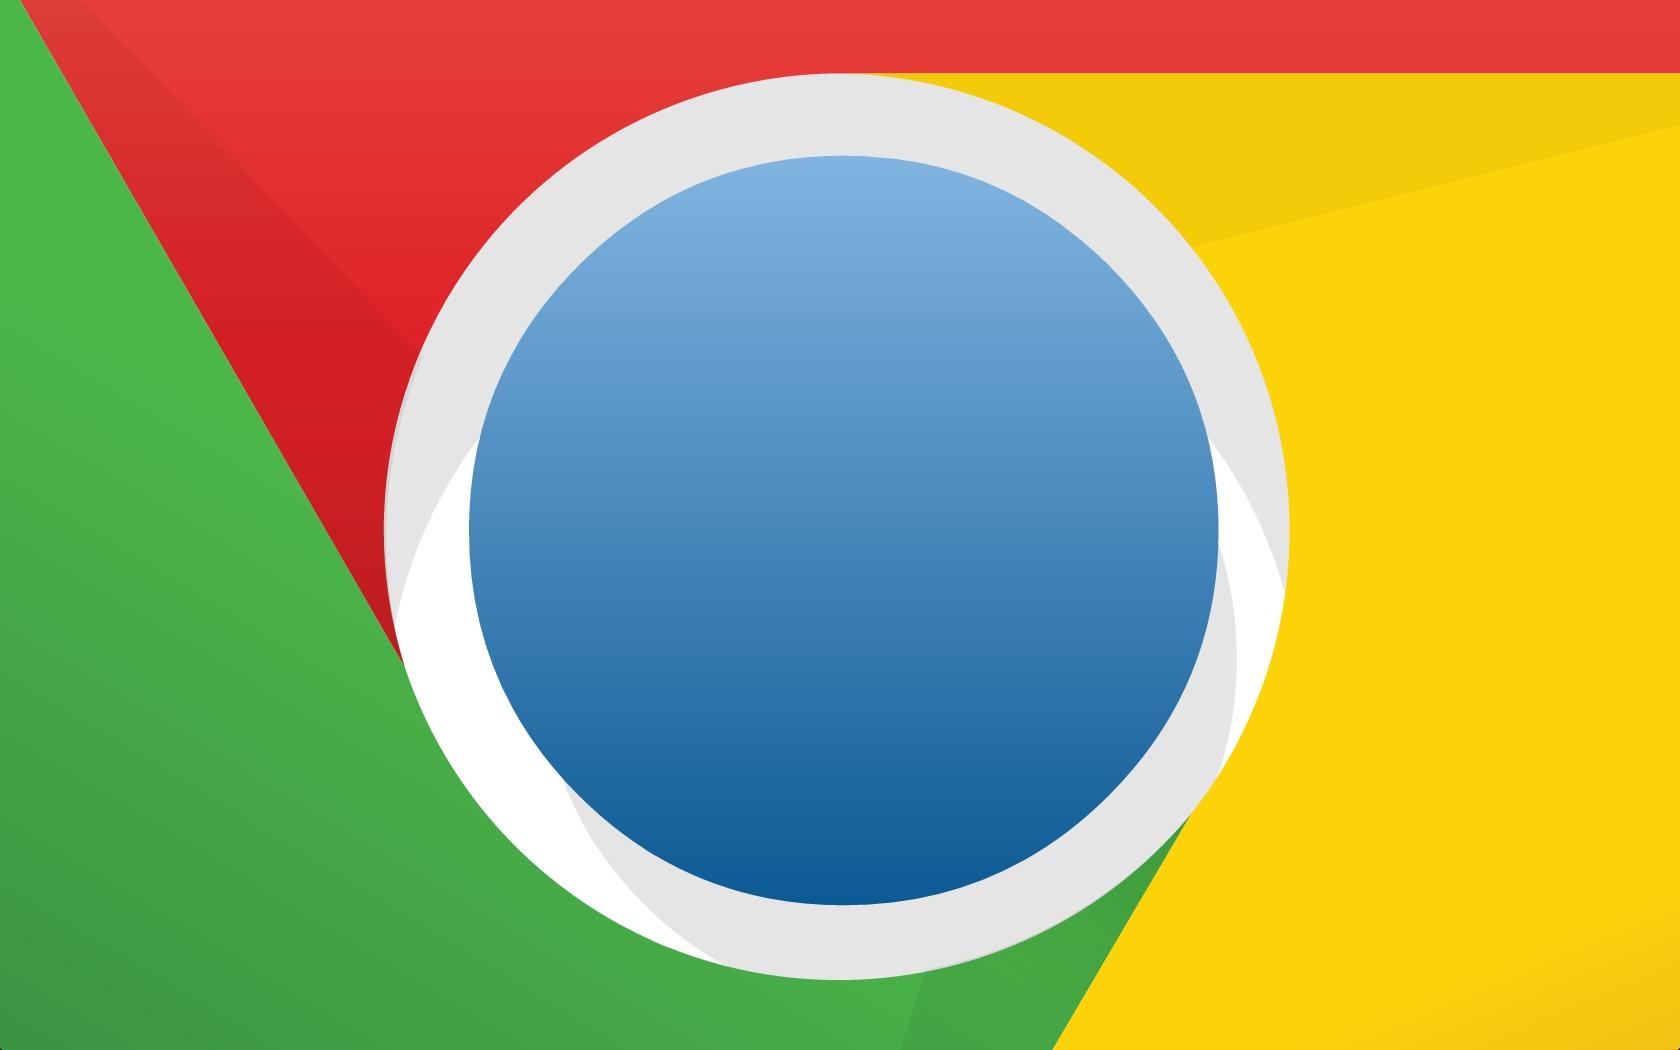 como-remover-sweetpacks-google-chrome[1]